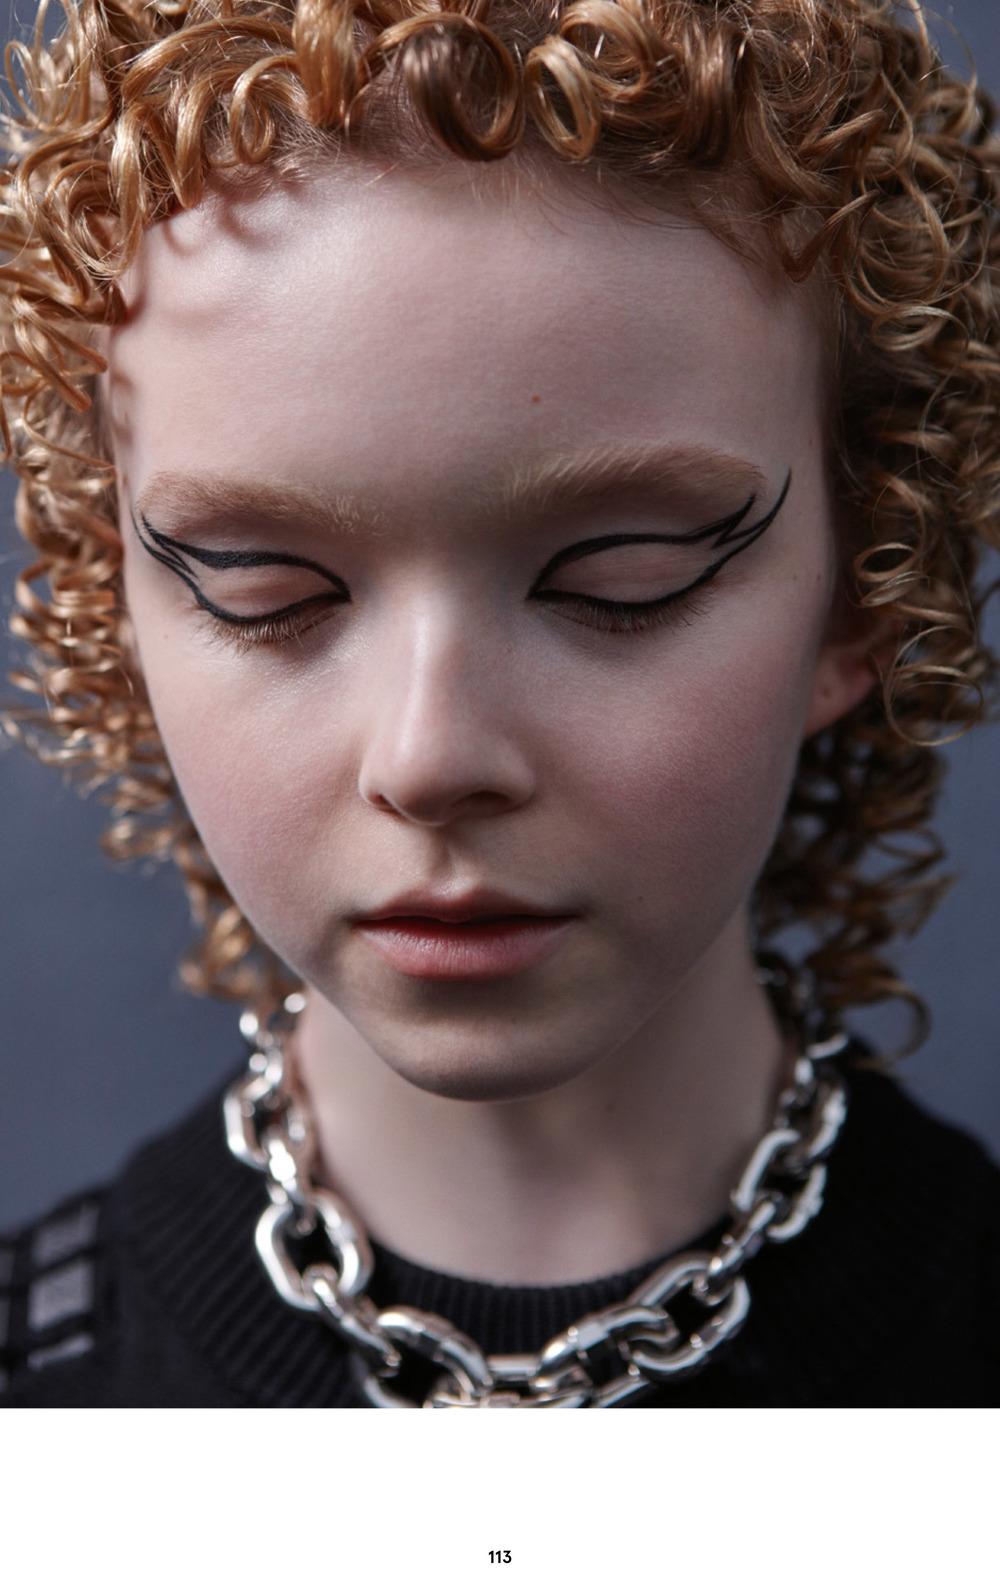 Lily Nova - Max Doyle-6.jpg